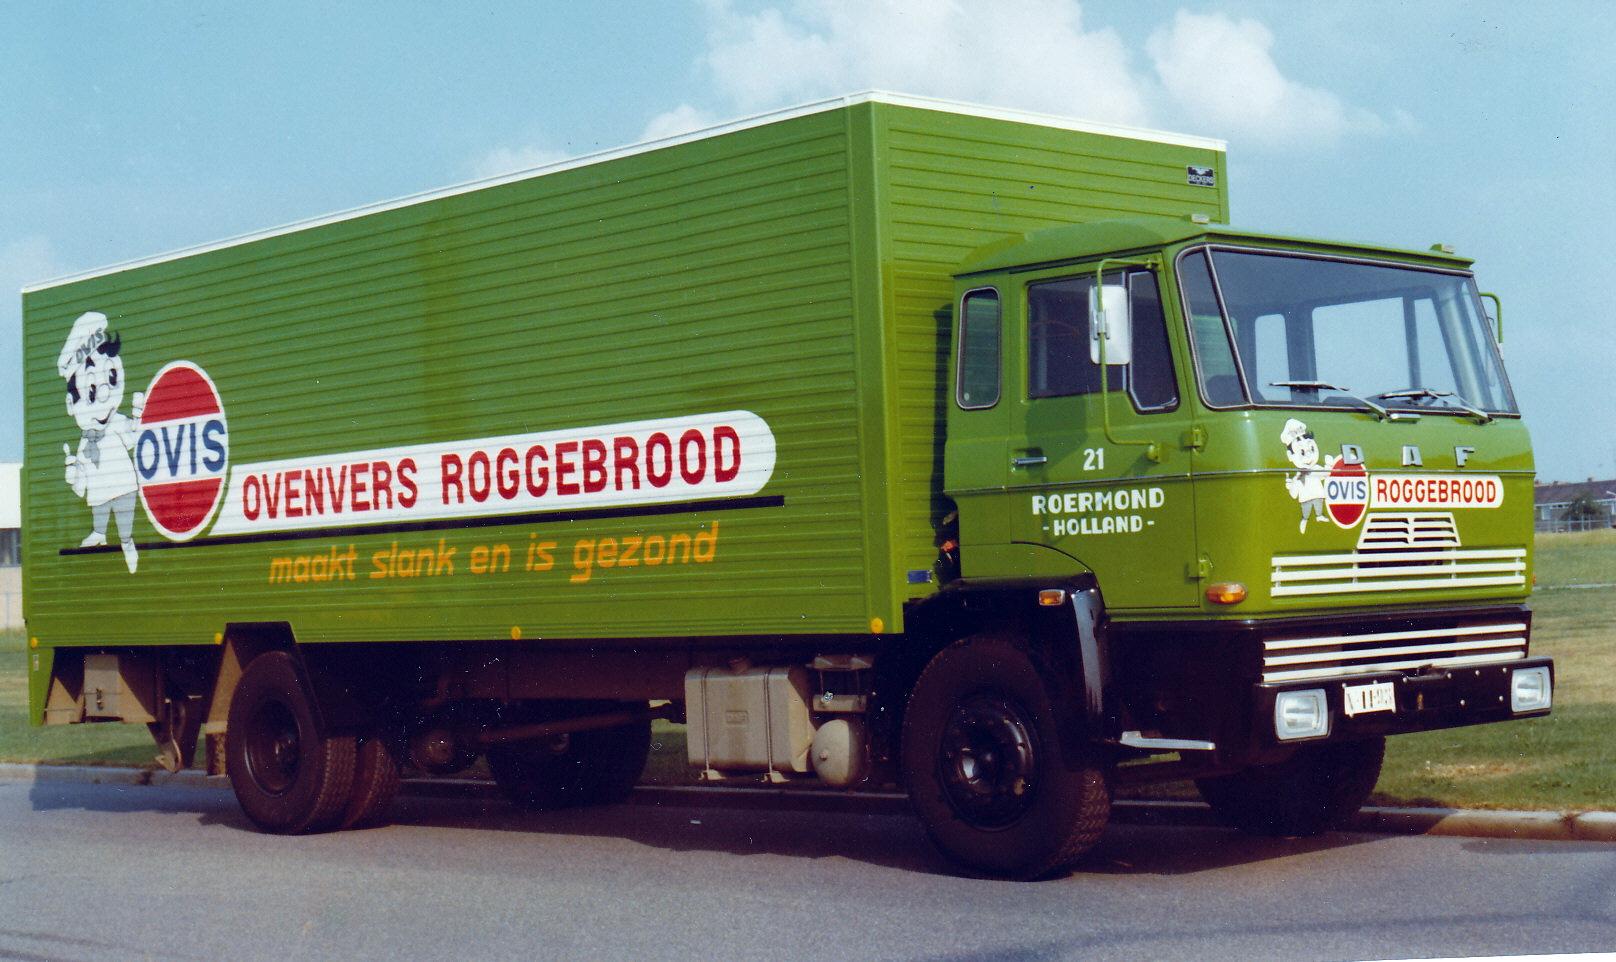 Ovis-Roermond-Deckers-Kees-Verhoef-toto